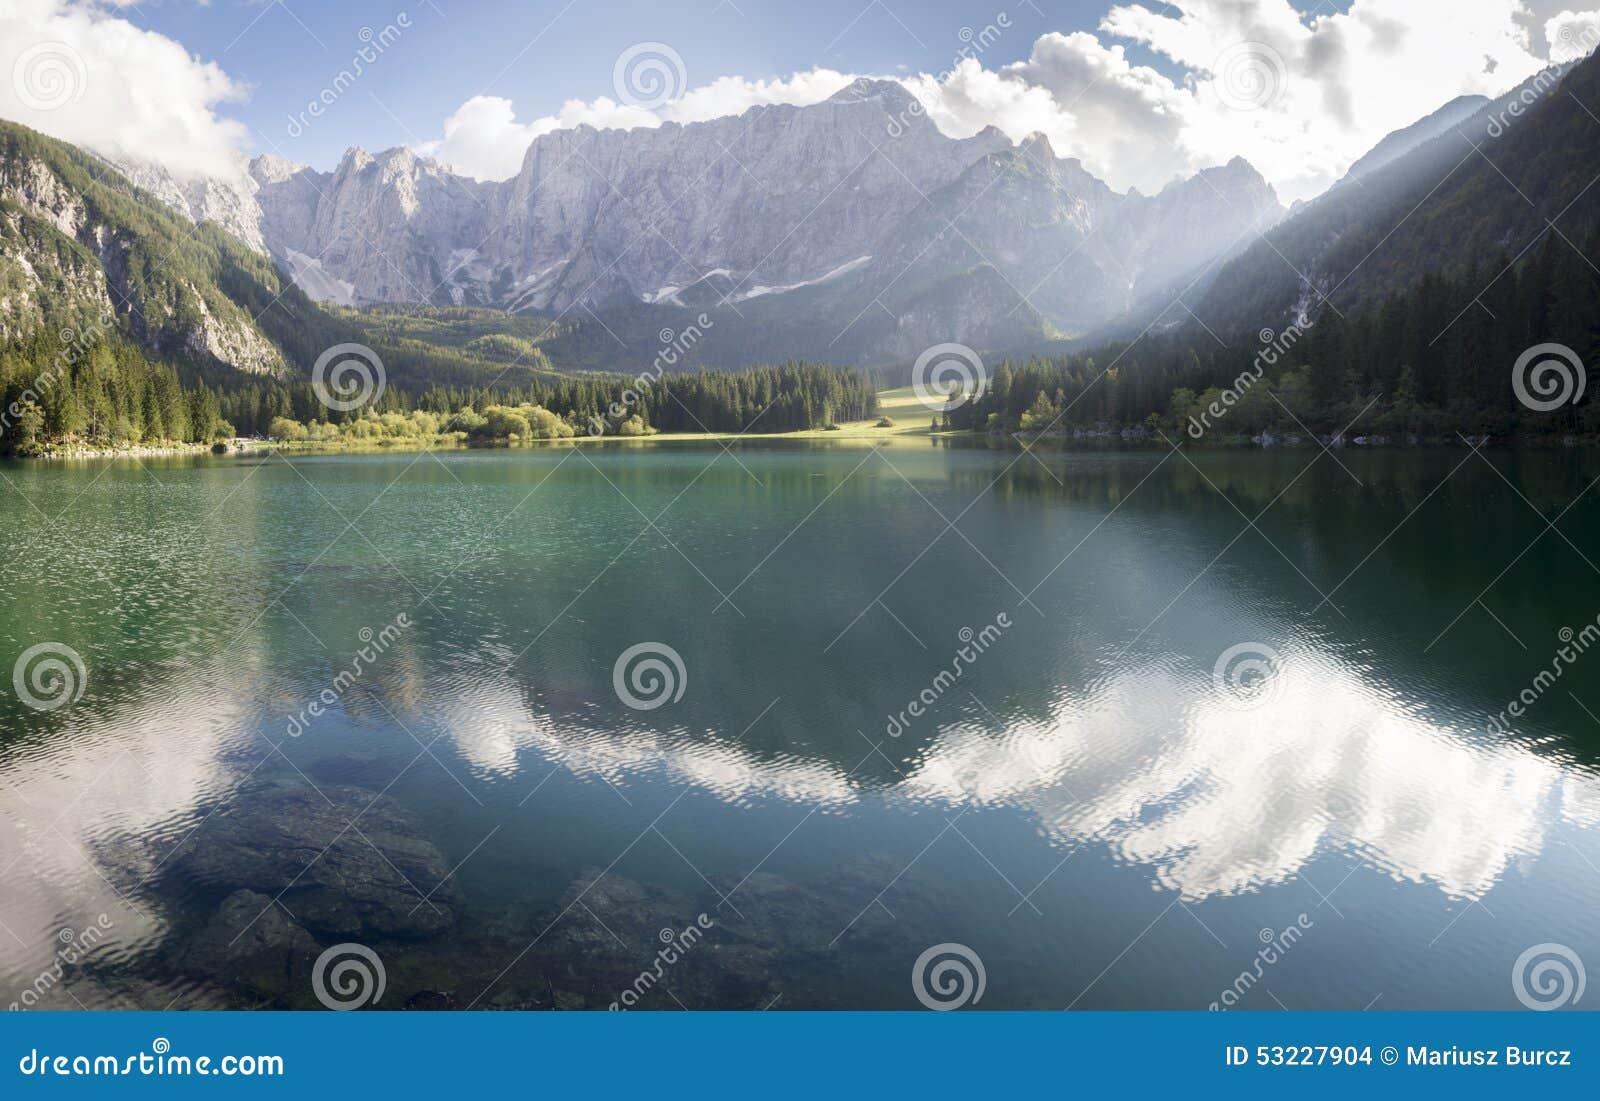 Lago alpino, salida del sol sobre el lago alpino Laghi di Fusine